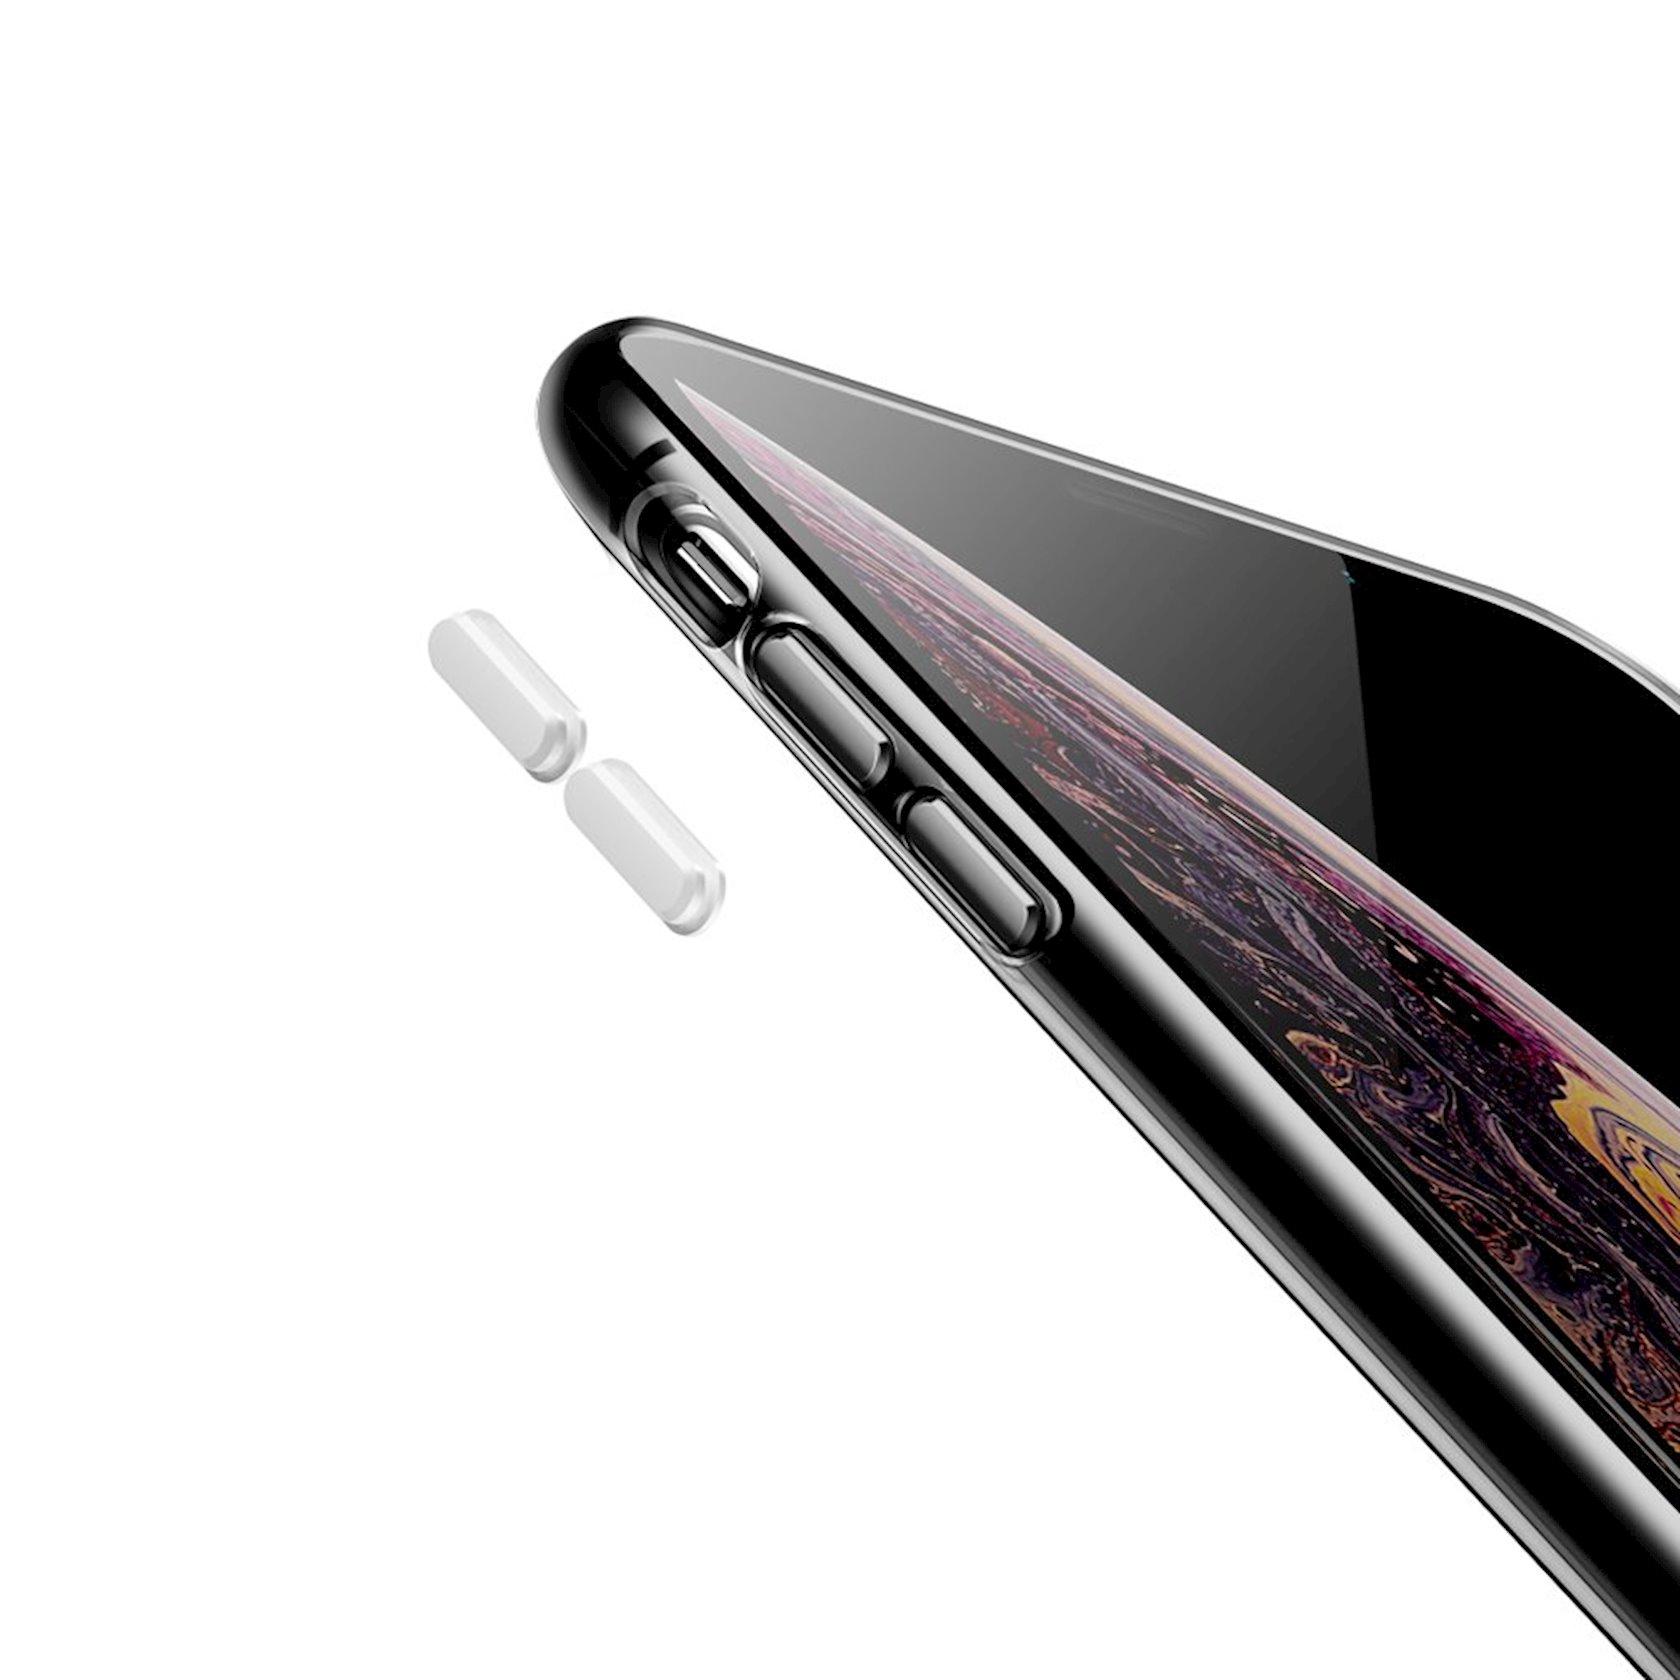 Çexol Baseus WIAPIPH58-QA02 TPU və PC əl qayışı ilə Iphone XS / X  5, 8 duym üçün, şəffaf